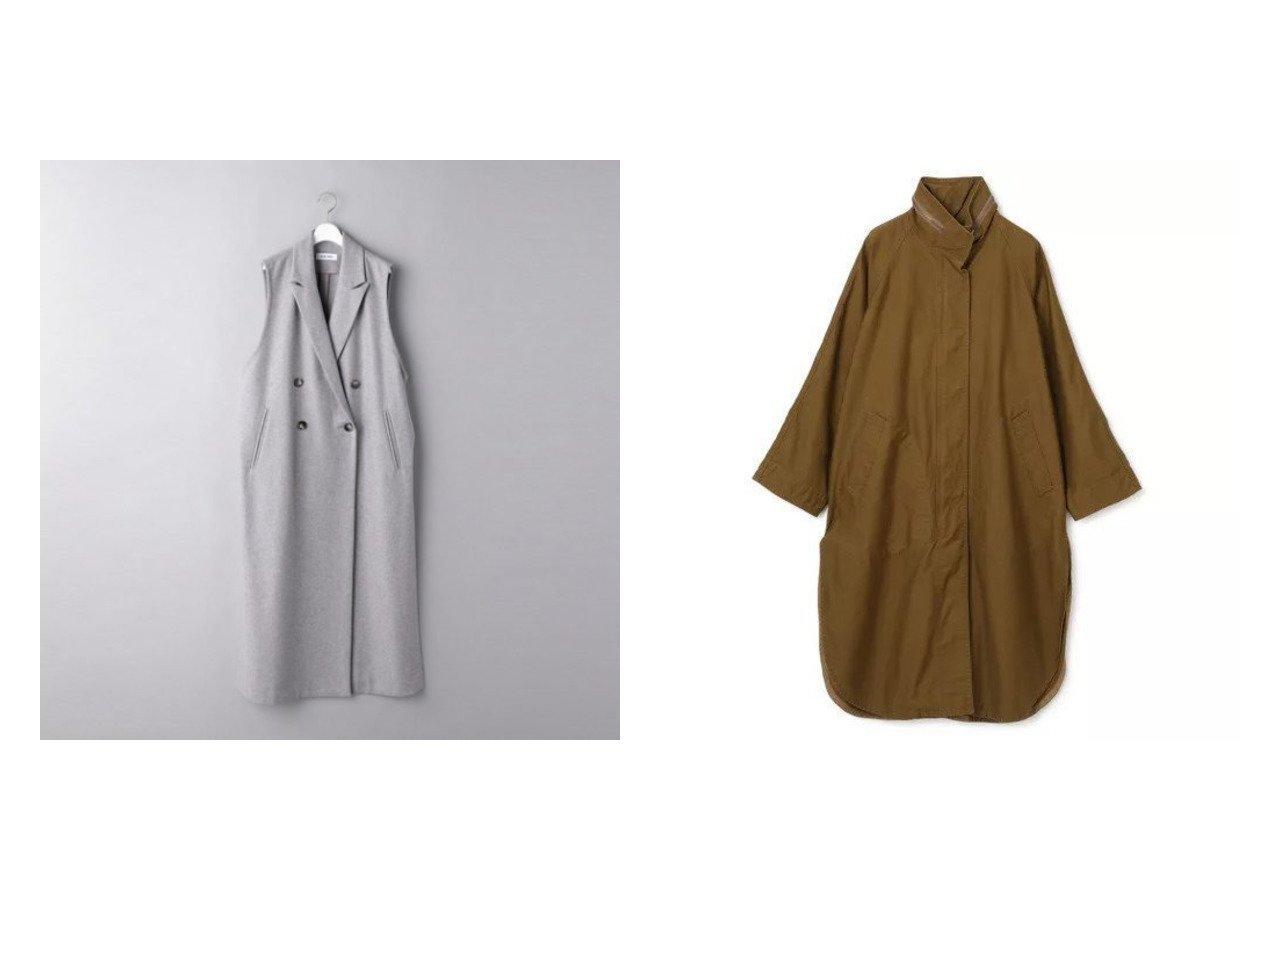 【FLORENT/フローレント】のMILITARY STAND COLLAR COAT&【UNITED ARROWS/ユナイテッドアローズ】のMLT ロングジレ 【アウター】おすすめ!人気、トレンド・レディースファッションの通販 おすすめで人気の流行・トレンド、ファッションの通販商品 インテリア・家具・メンズファッション・キッズファッション・レディースファッション・服の通販 founy(ファニー) https://founy.com/ ファッション Fashion レディースファッション WOMEN アウター Coat Outerwear コート Coats カッティング スタンド ミリタリー ロング 洗える スリット バランス マニッシュ メルトン |ID:crp329100000062074